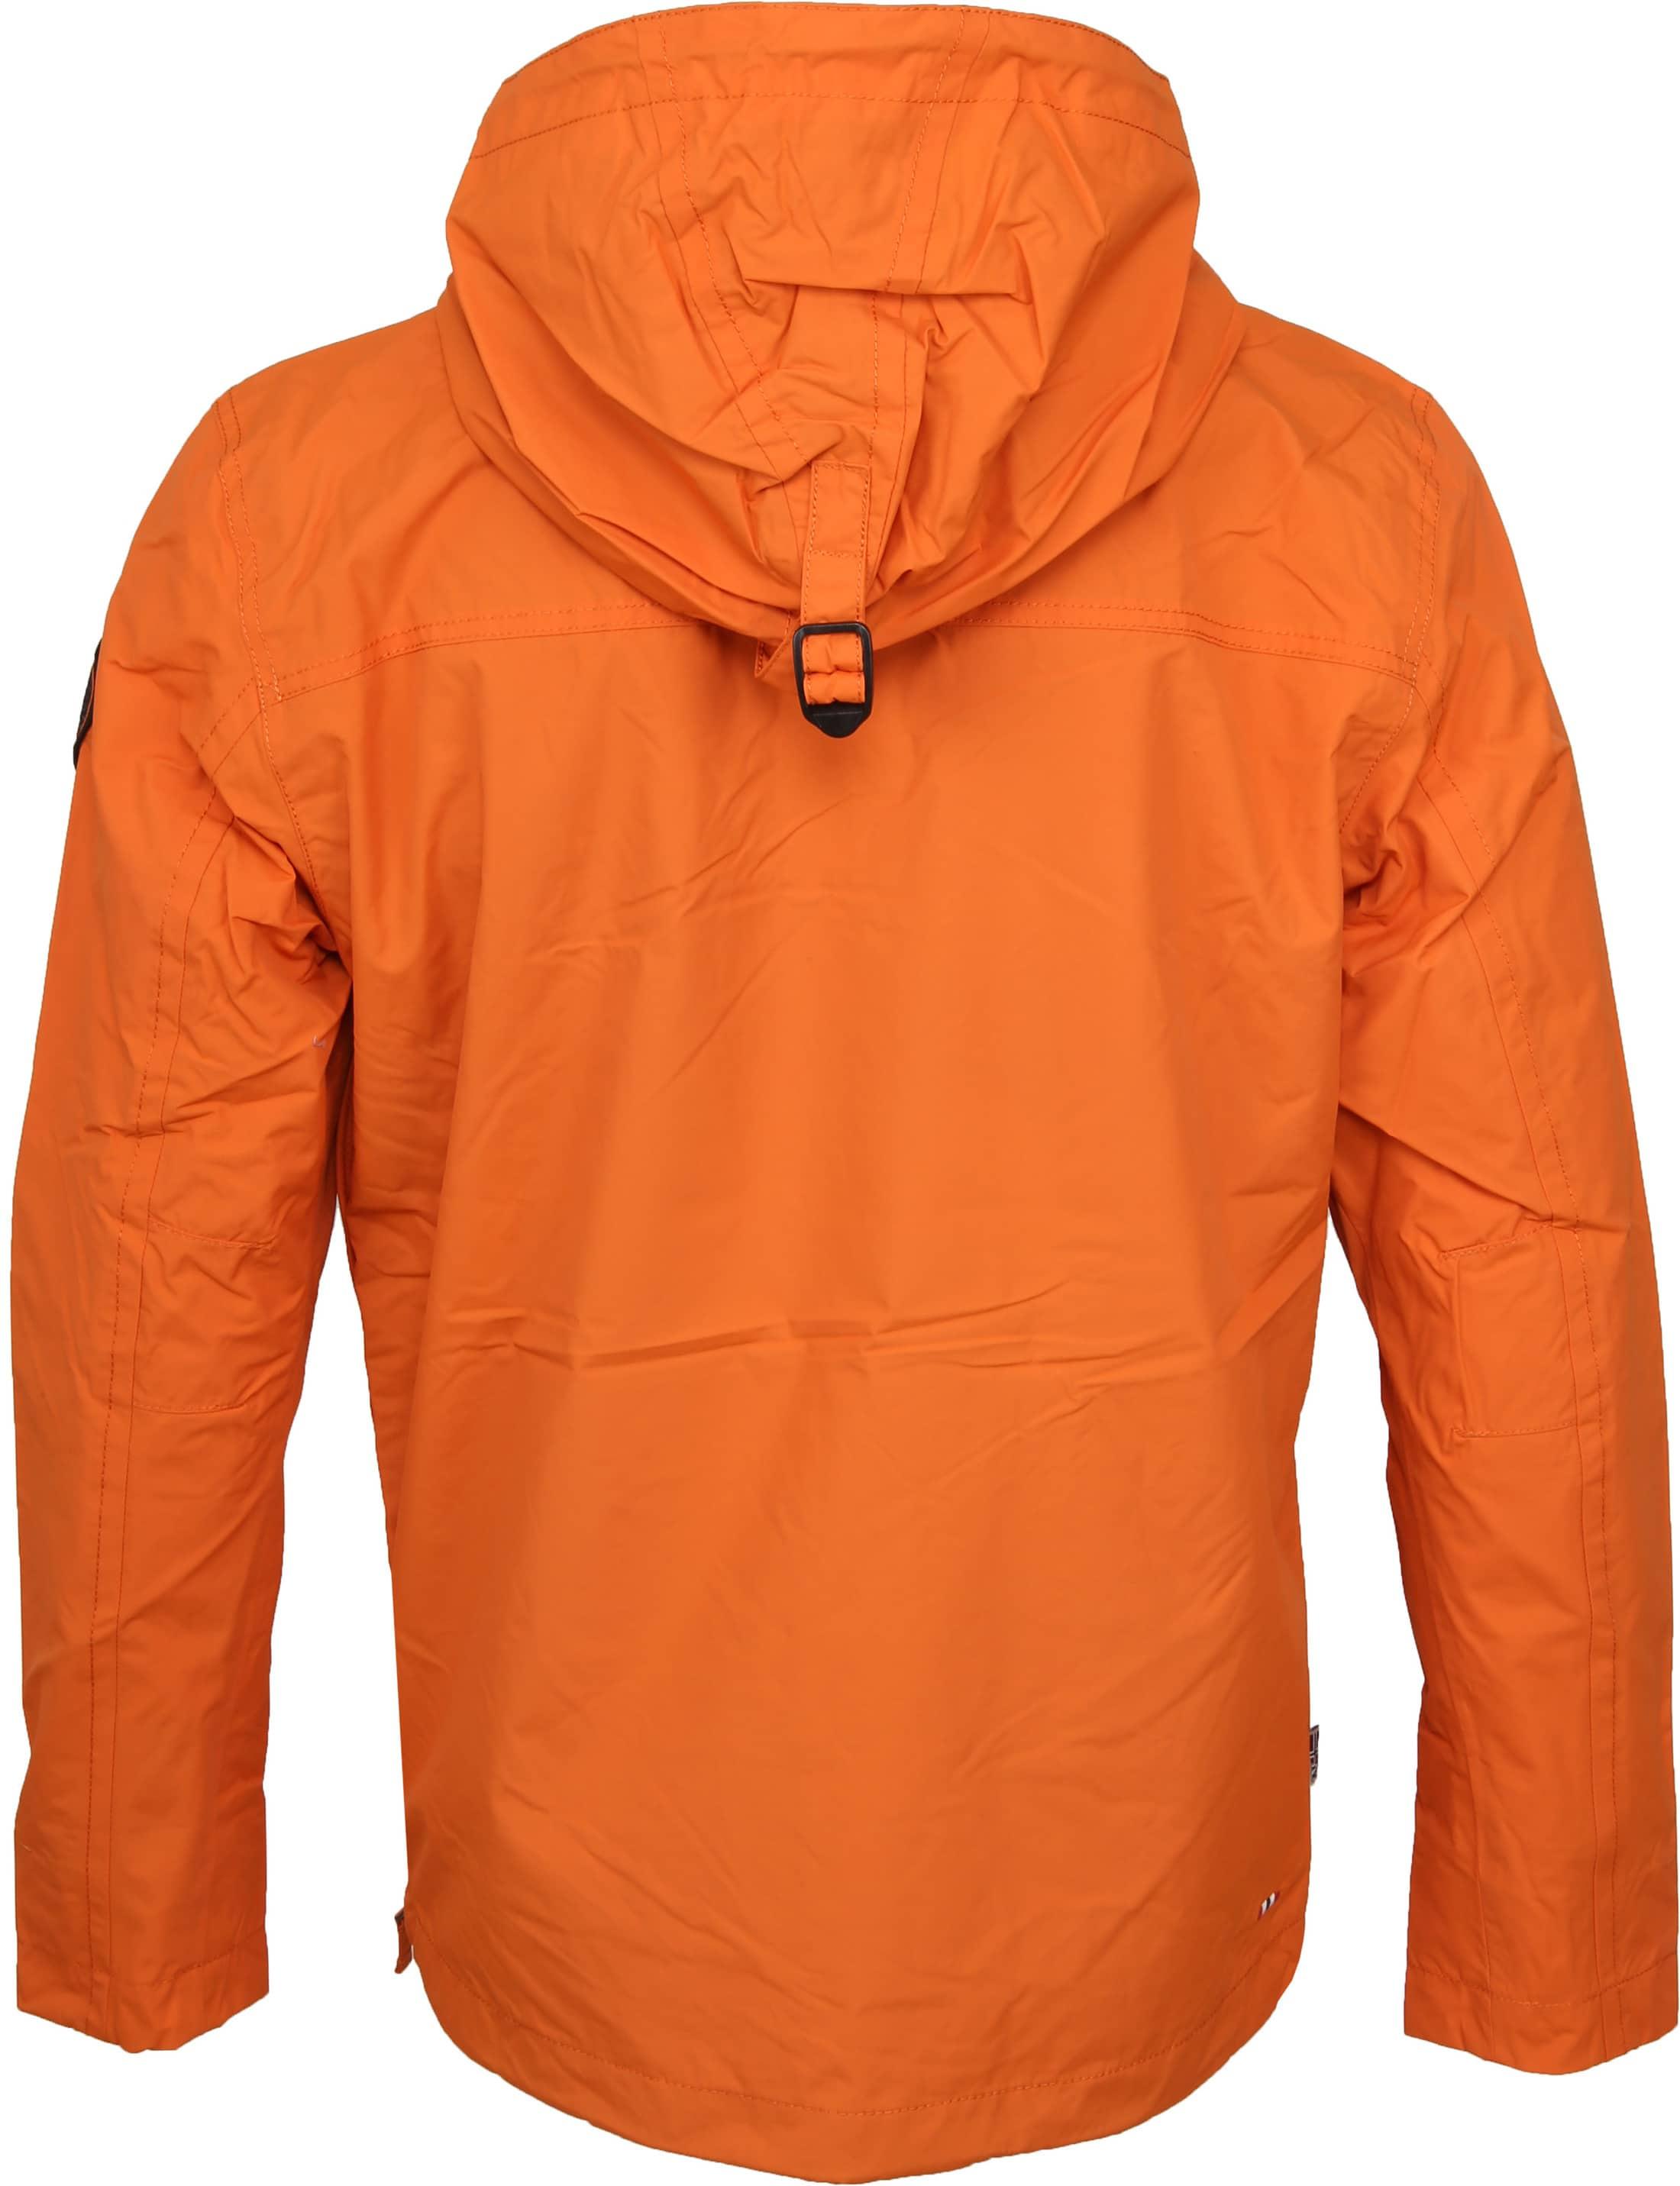 Napapijri Rainforest Summer Jacket Orange  foto 5